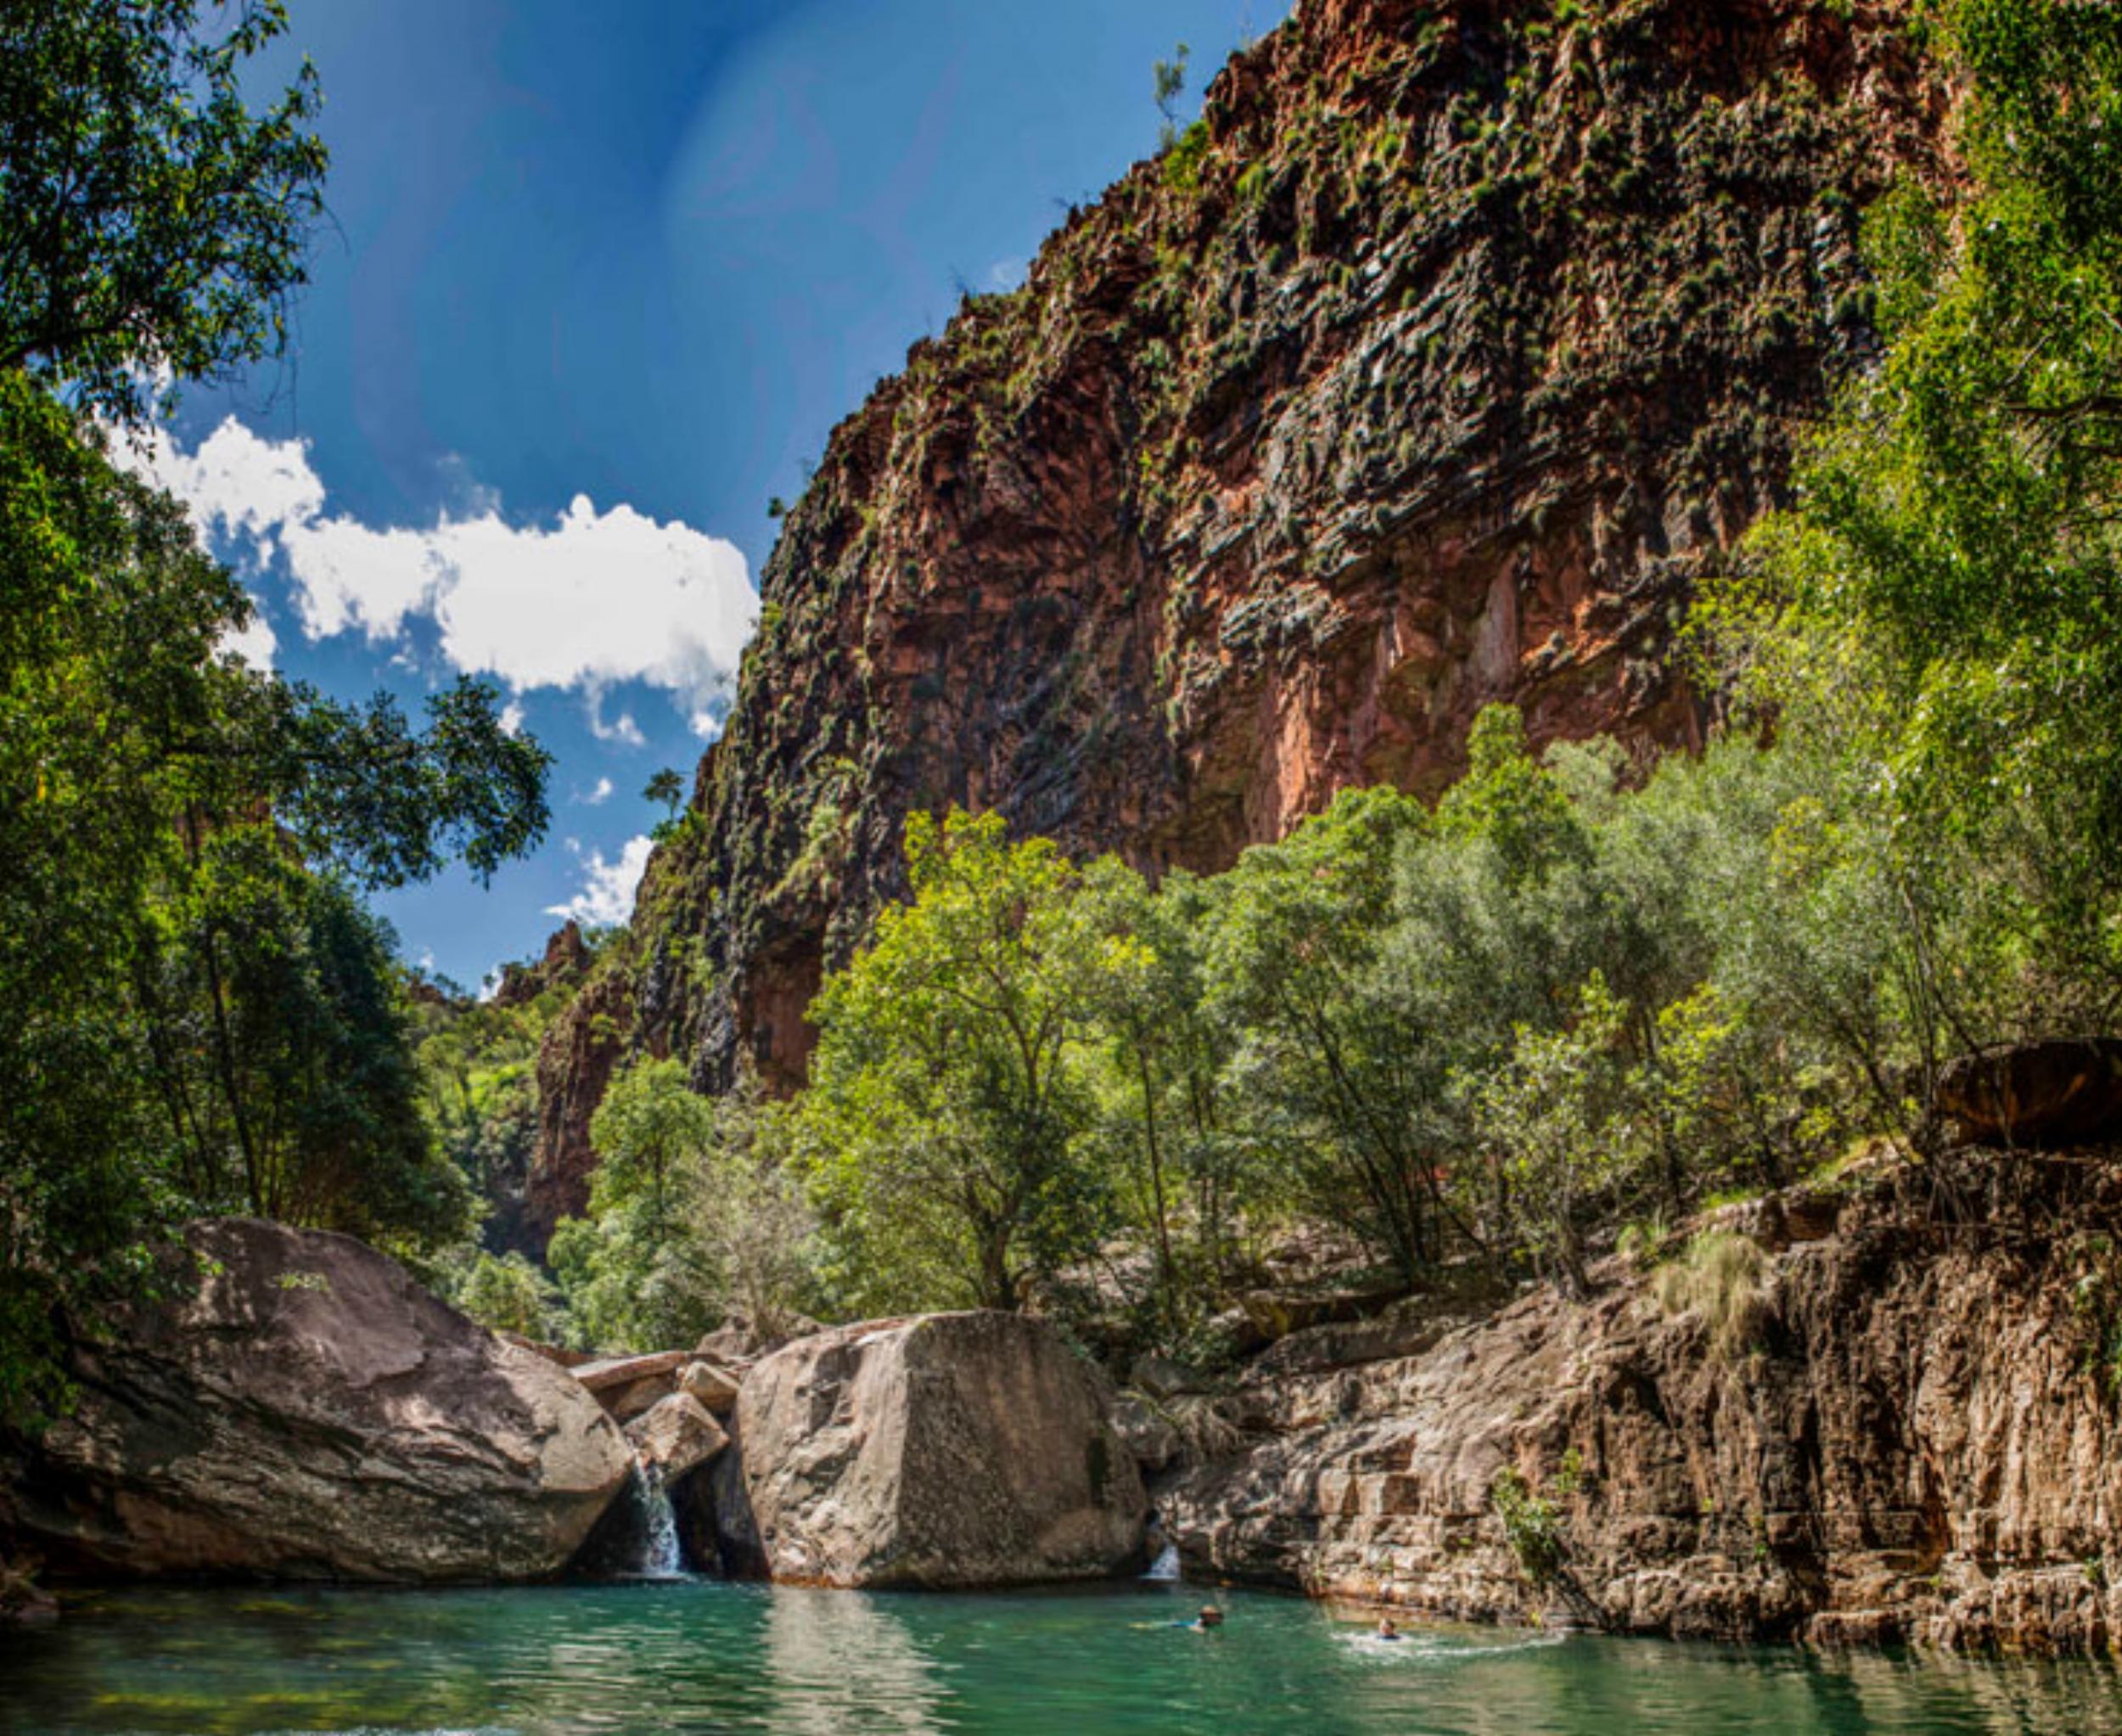 Swimming hole: Emma Gorge